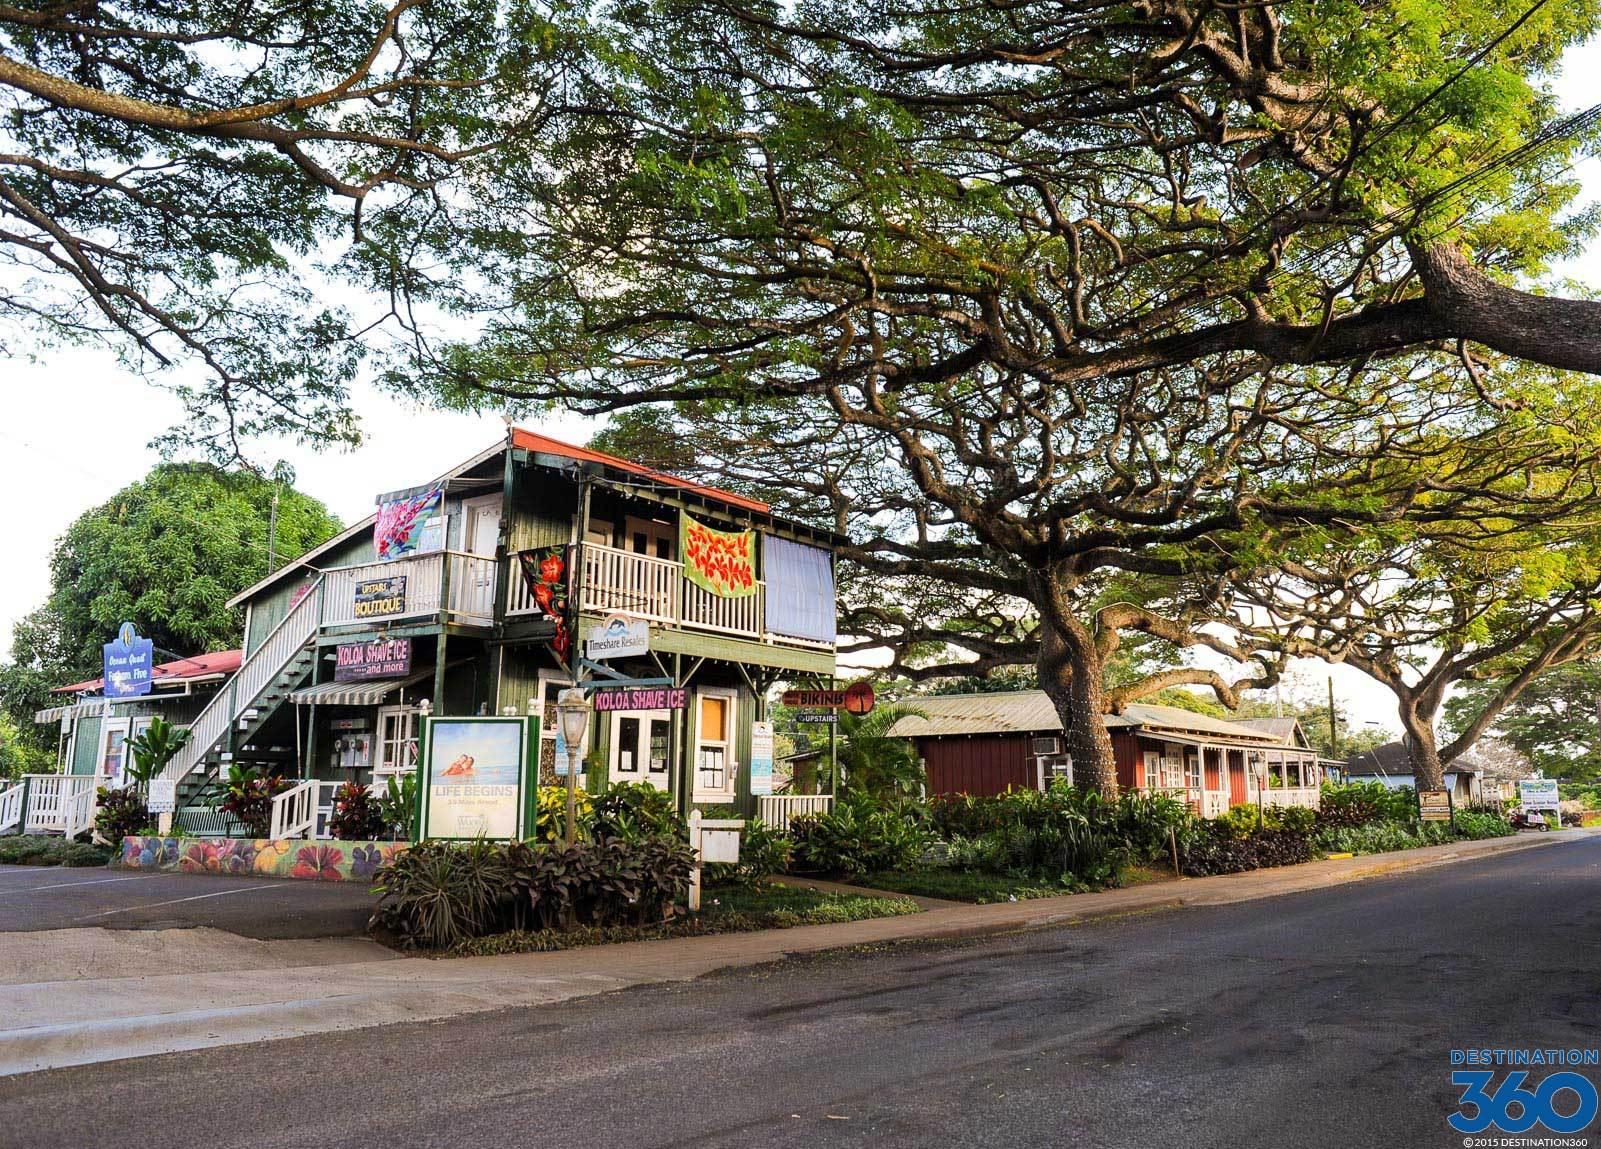 Island School Kauai Hawaii